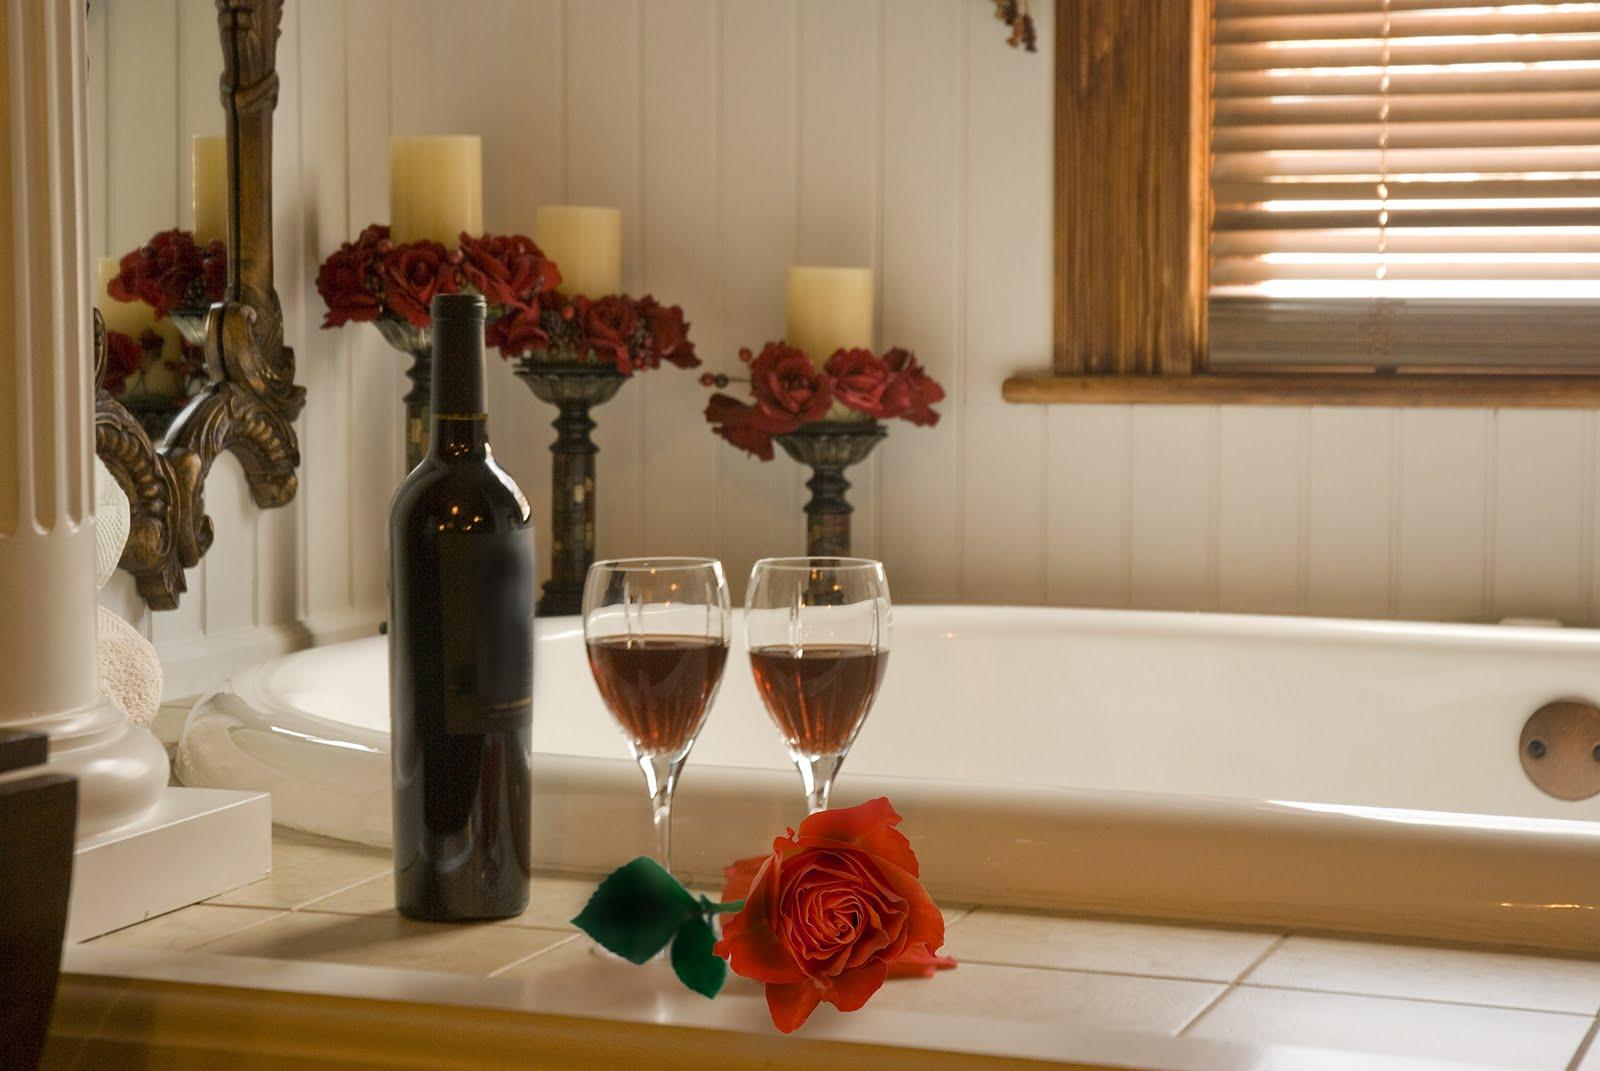 em algumas fotos de banheiros modernos fotos de banheiros modernos #B13411 1600x1071 Acessorios Banheiro Moderno